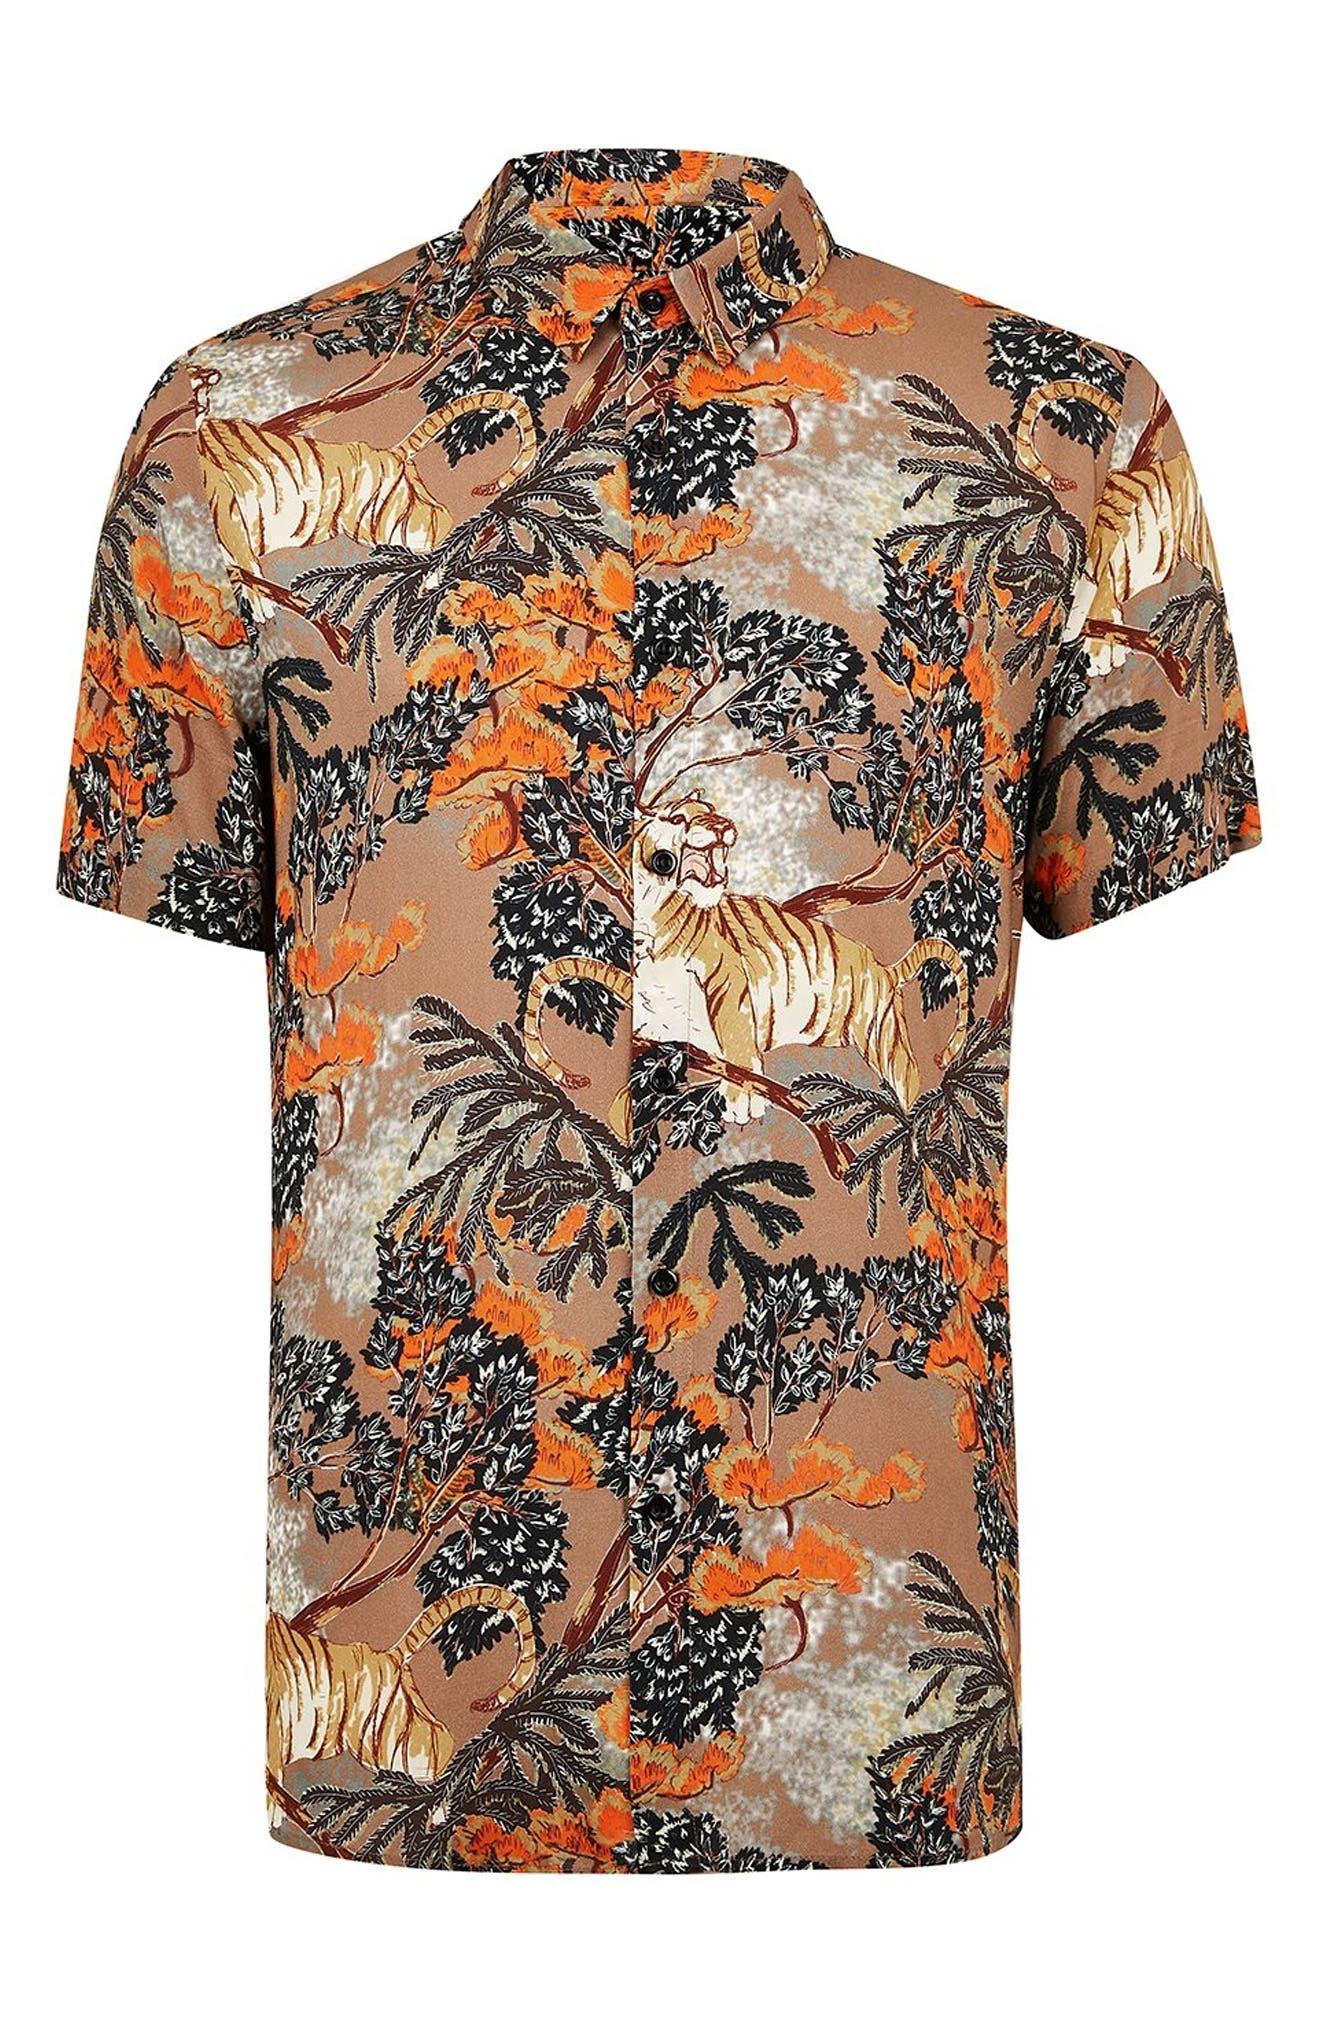 Suburb Tiger Print Shirt,                             Alternate thumbnail 5, color,                             800